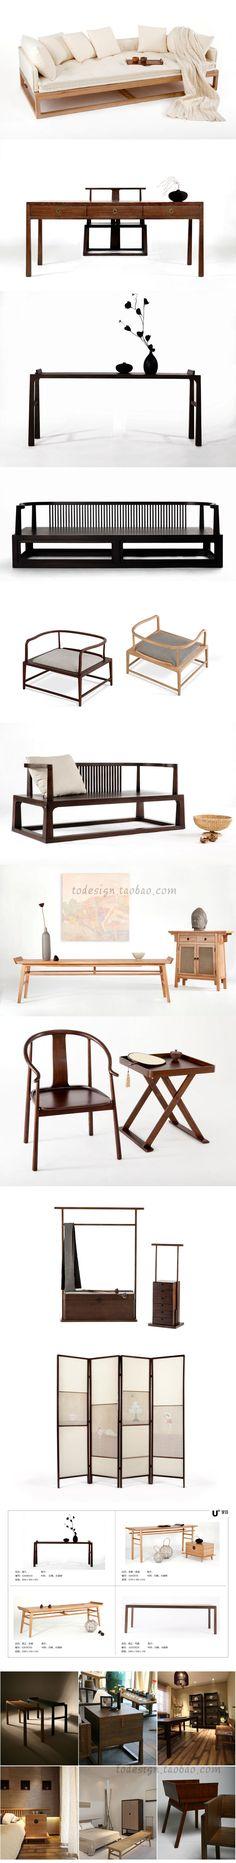 现代新中式禅意实木家具/室内设计软装素材资料-淘宝网